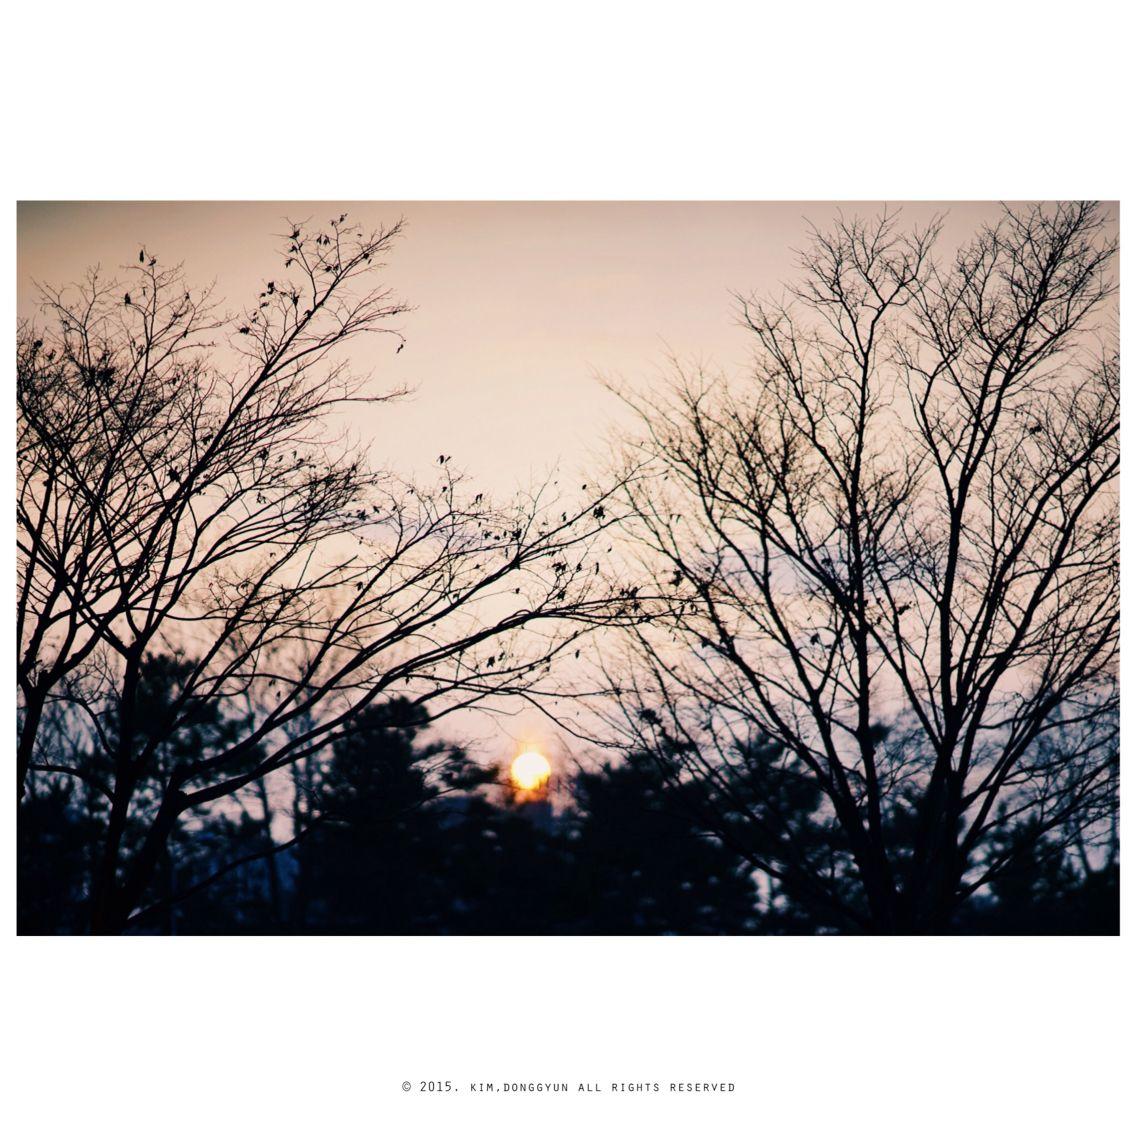 왠지 오늘따라 슬픈 노을.... #SonyA7 #이종교배 #NikonLens #Nikkor105mmF1.8 #snap #35mm #analog #Photoholic #감성사진 #김군photograph